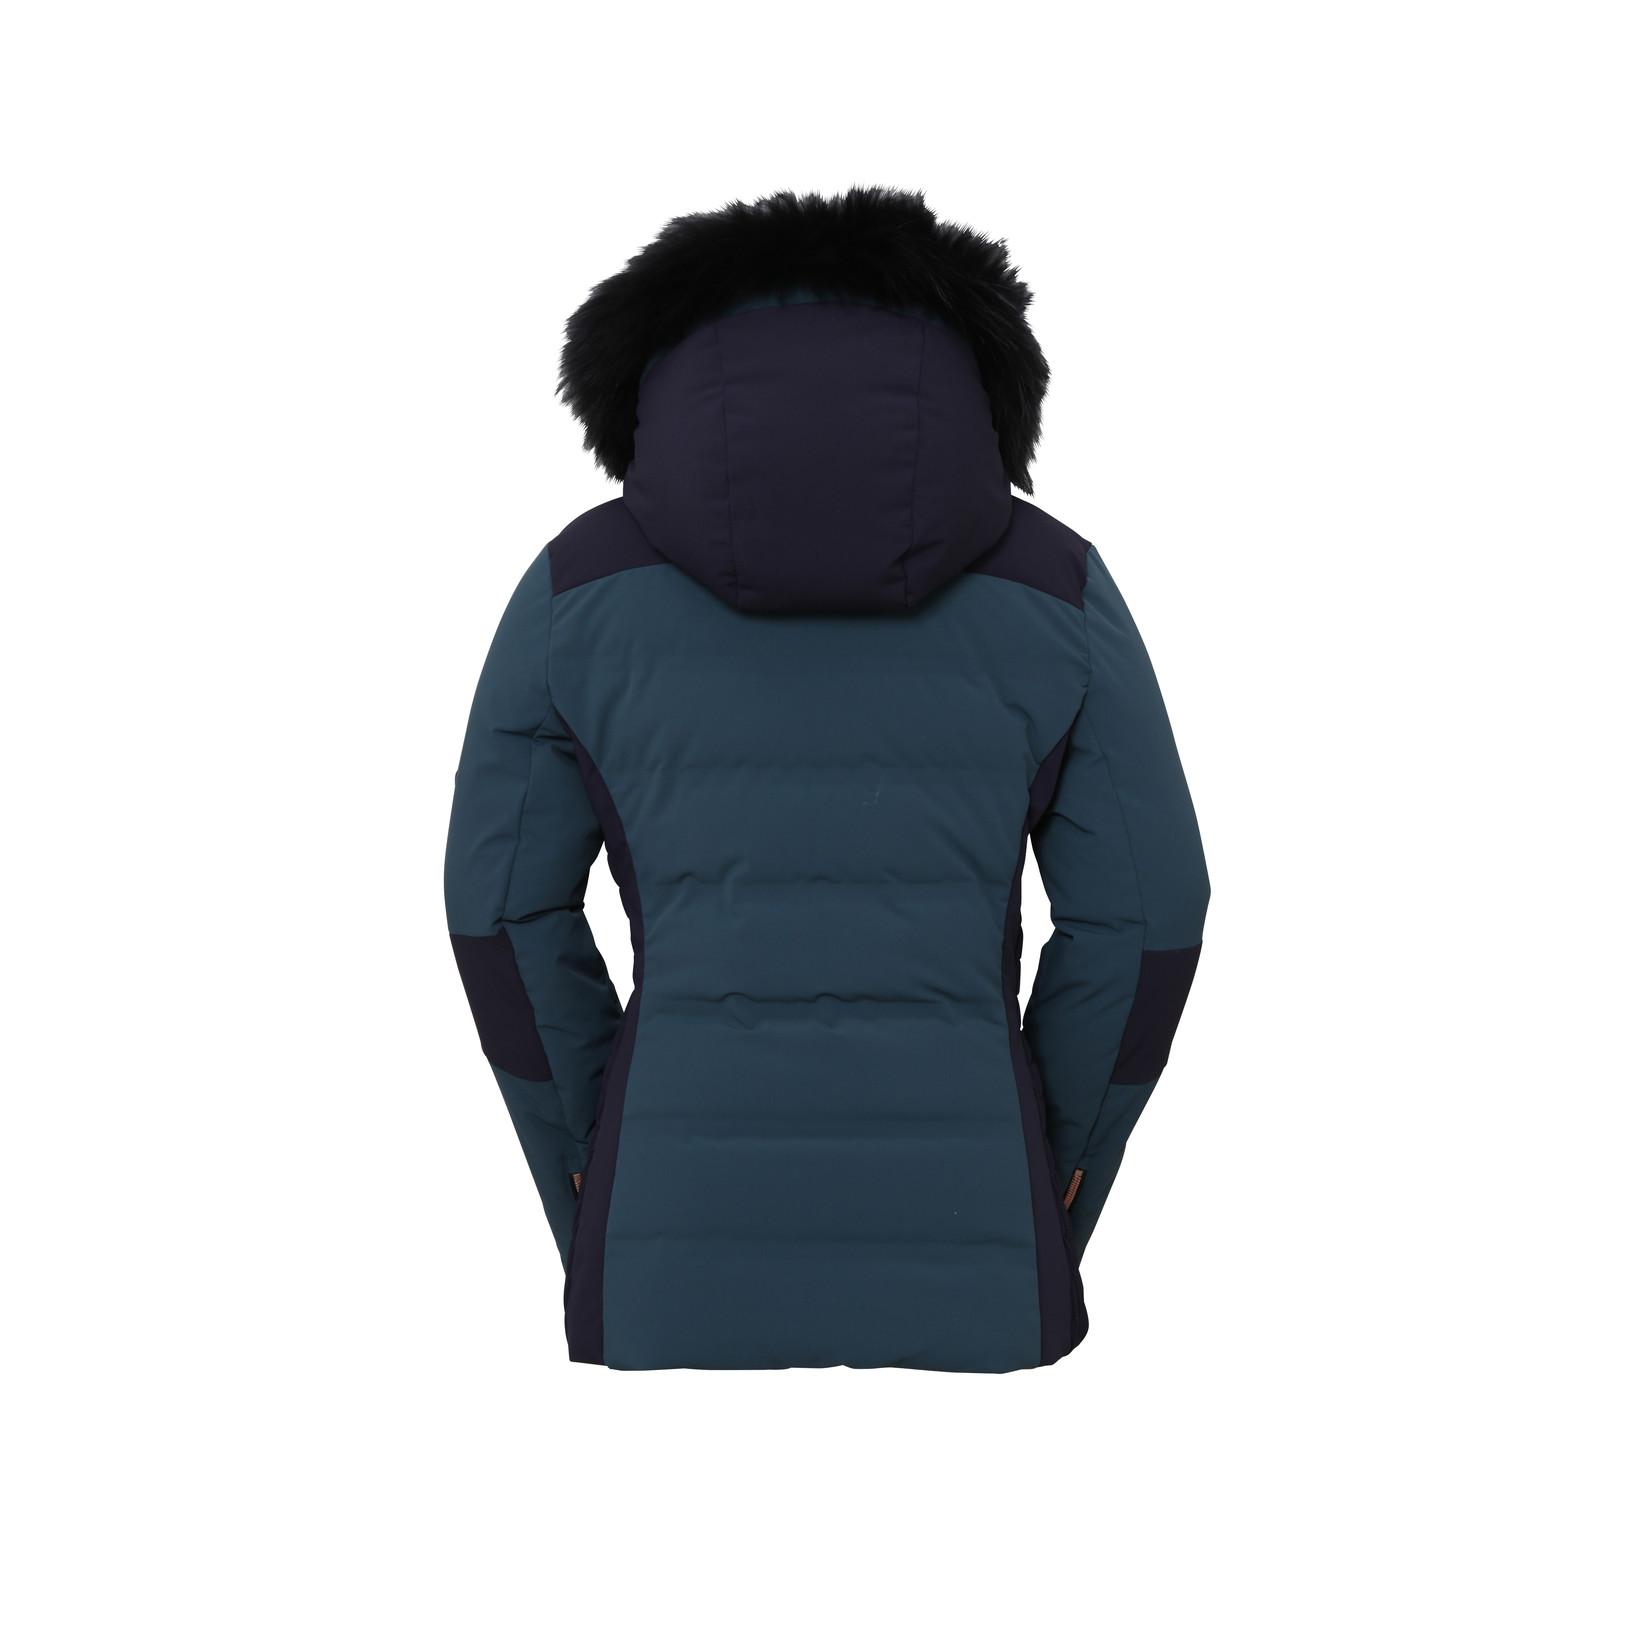 PHENIX Diamond Down Jacket with Fur